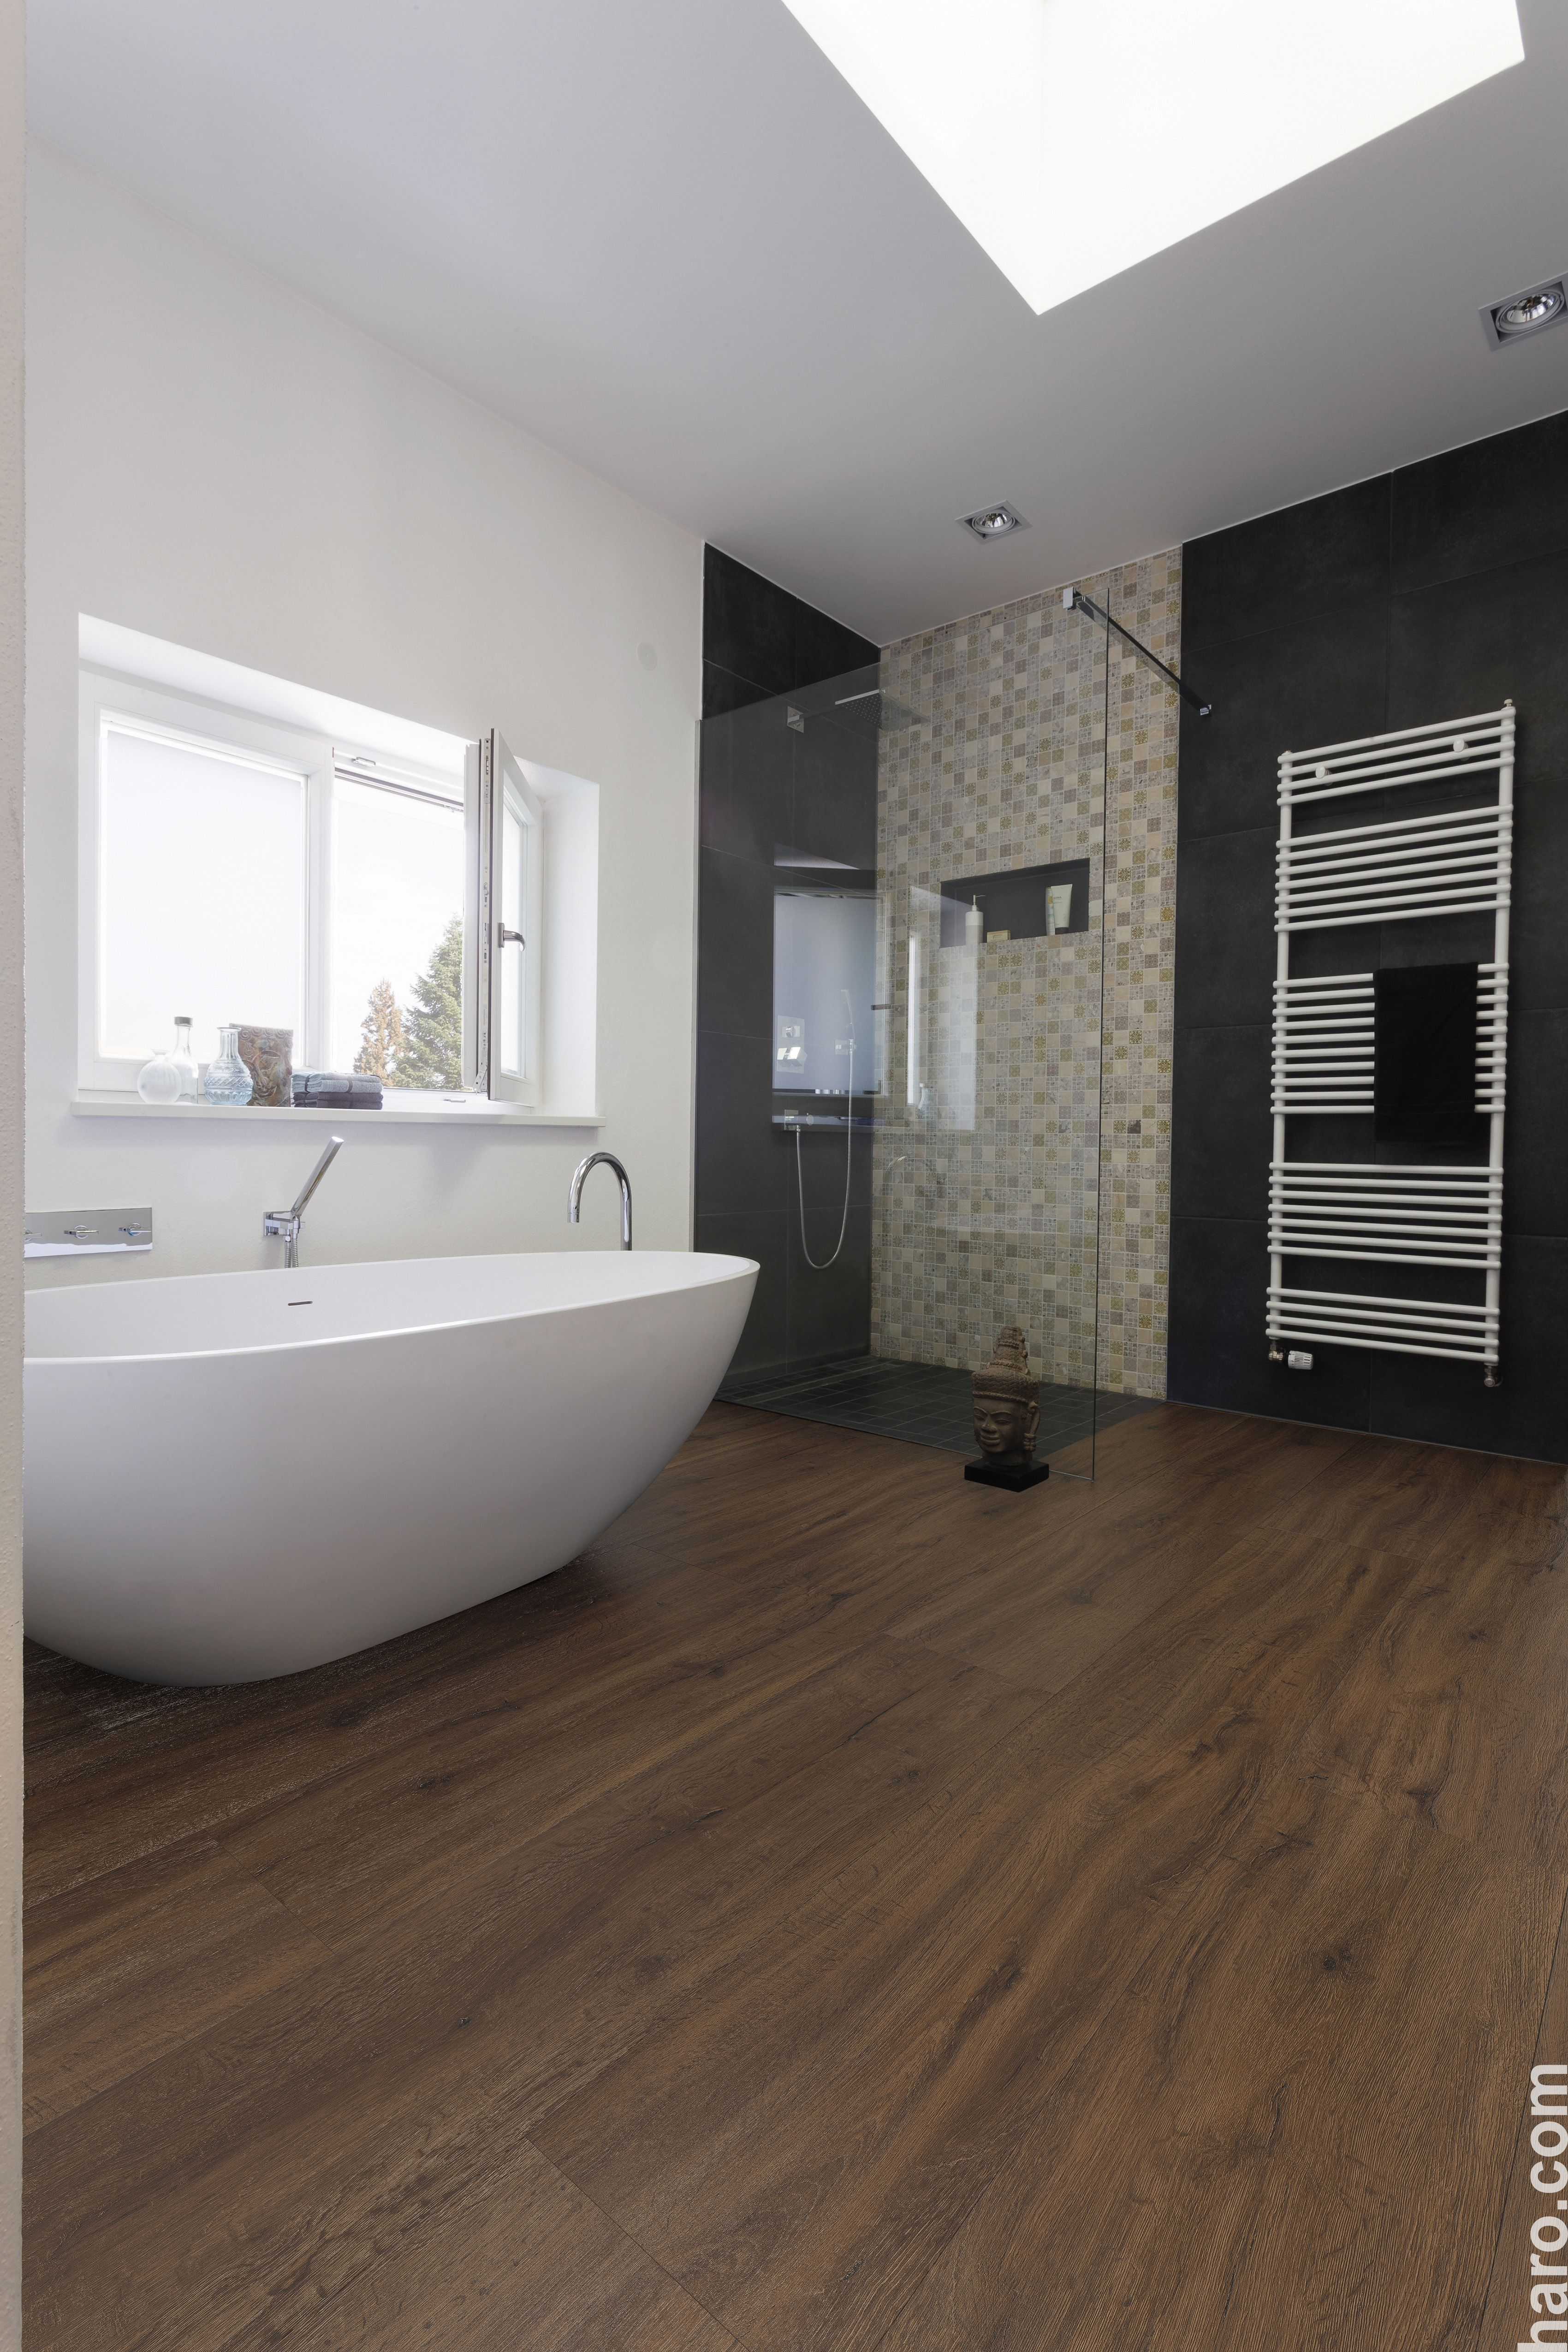 Korkboden Badezimmer | Korkboden Im Bad Verlegen Wohn Design